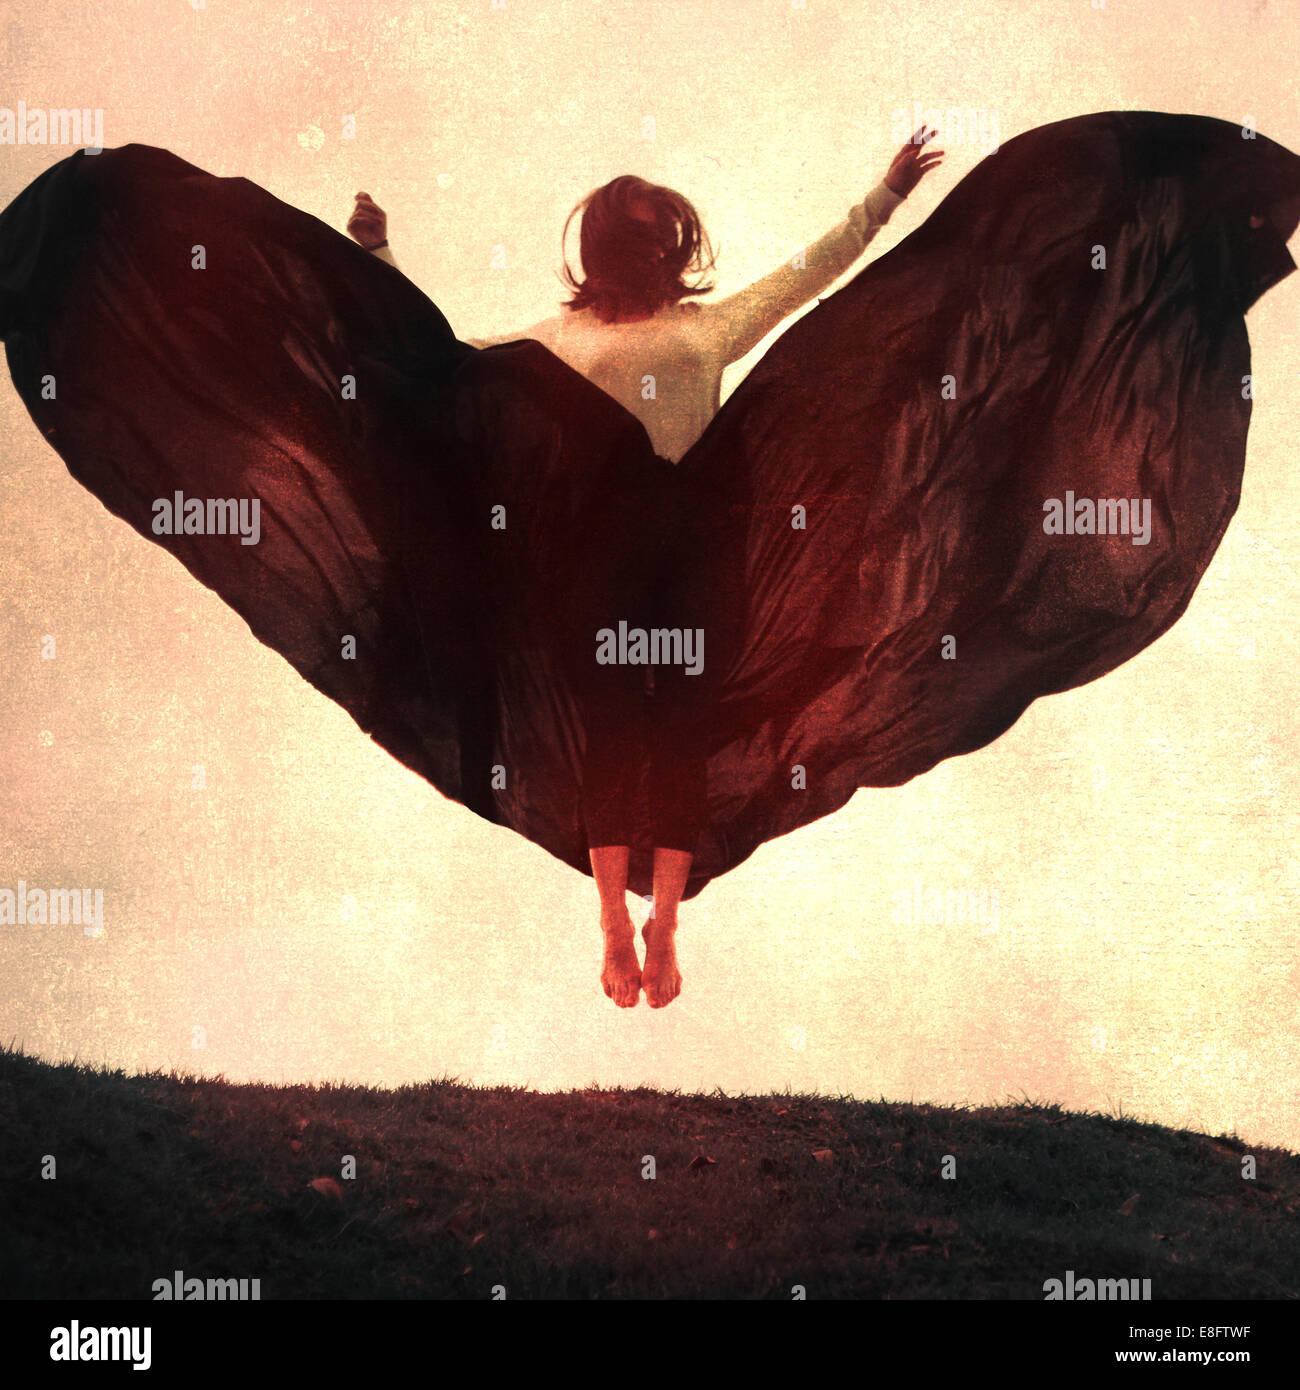 Femme portant jupe fluide en sautant dans l'air Photo Stock